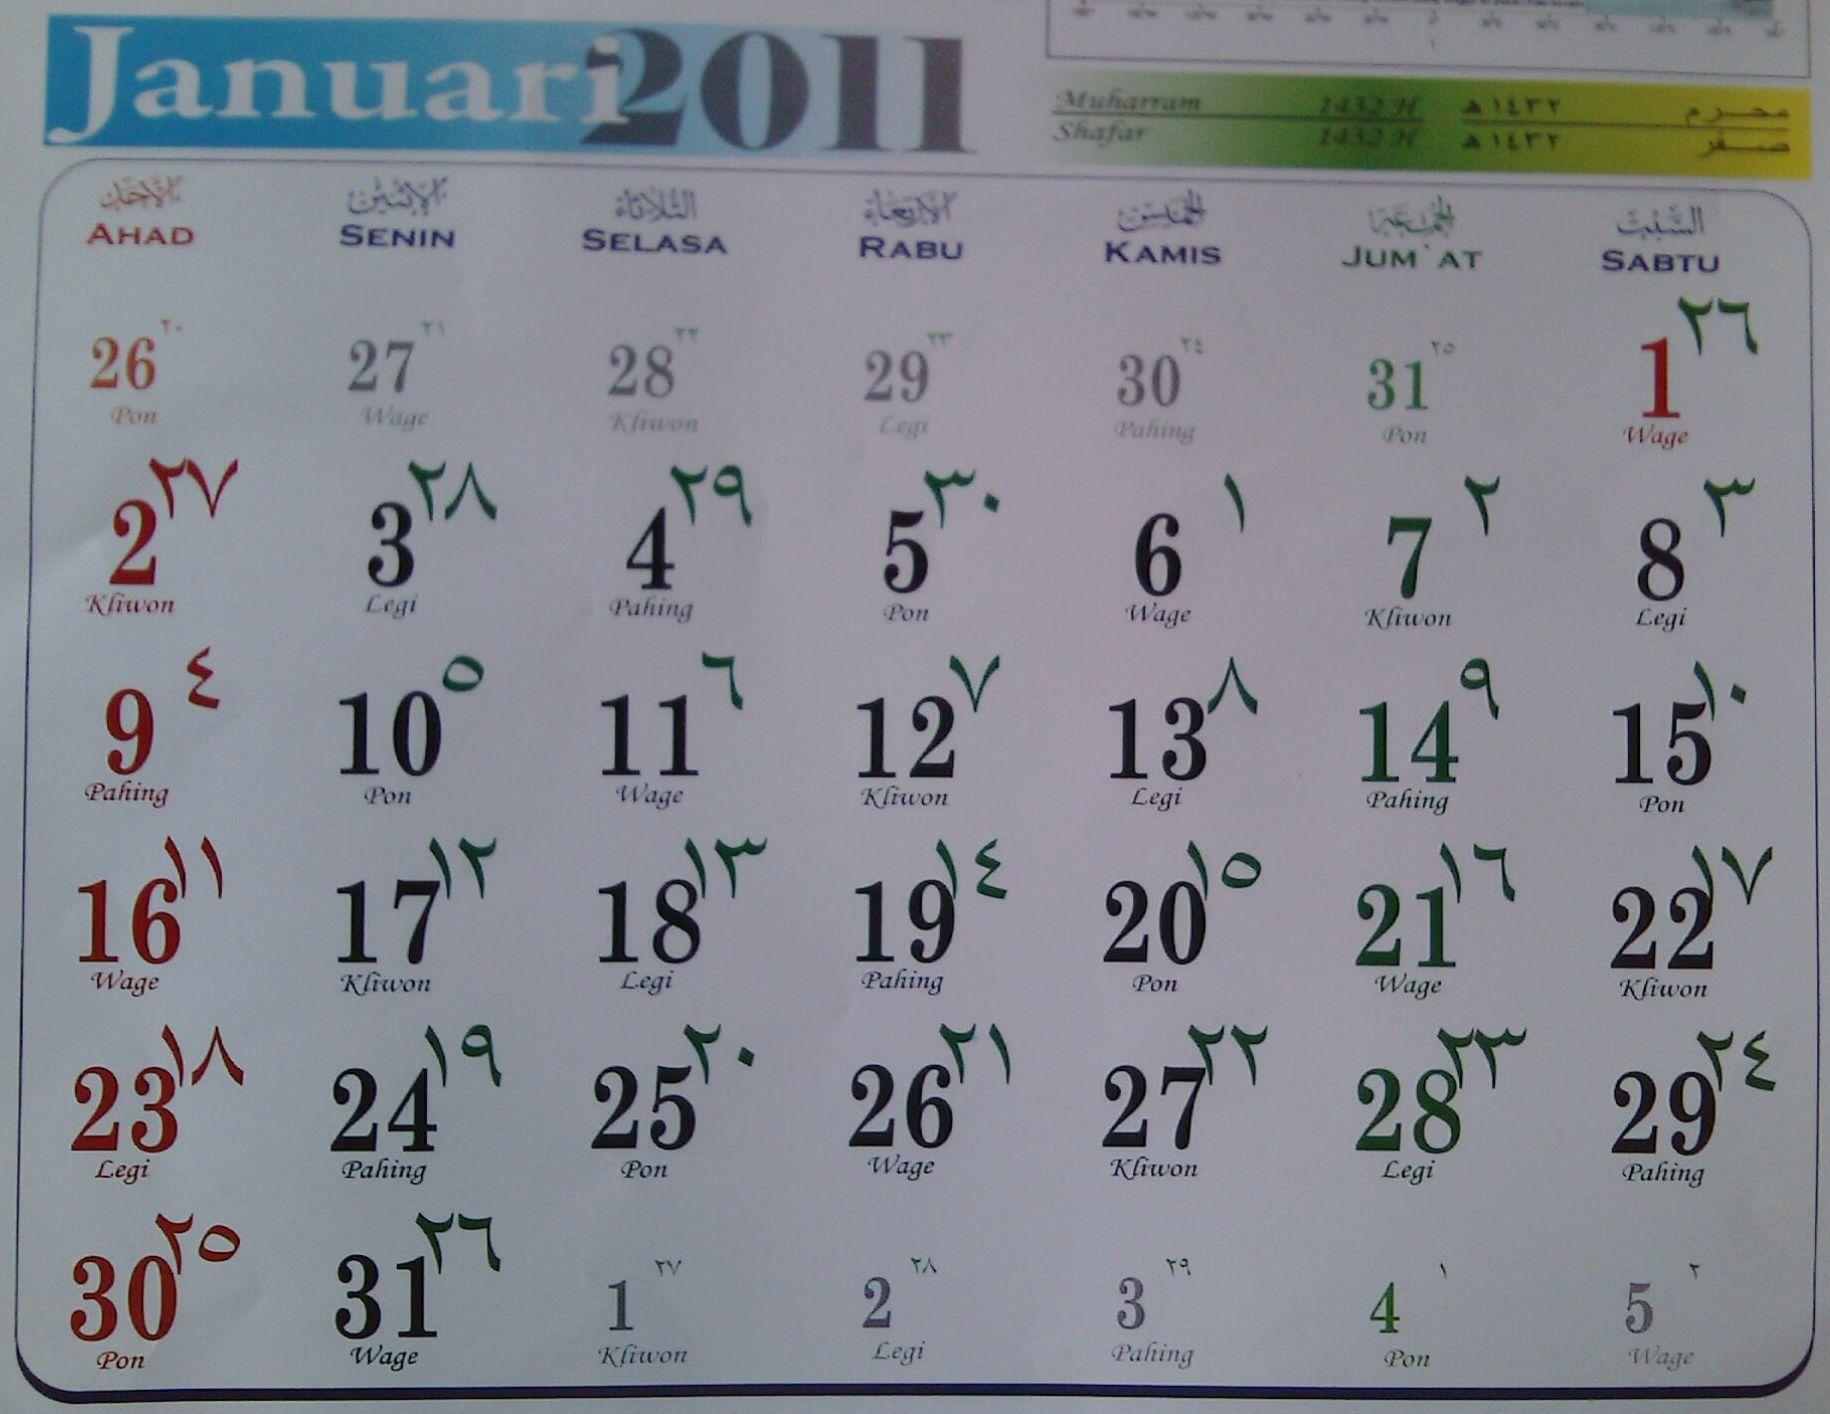 Kalender Hijriyah bisa Memberi Kepastian Setara dengan Kalender Masehi